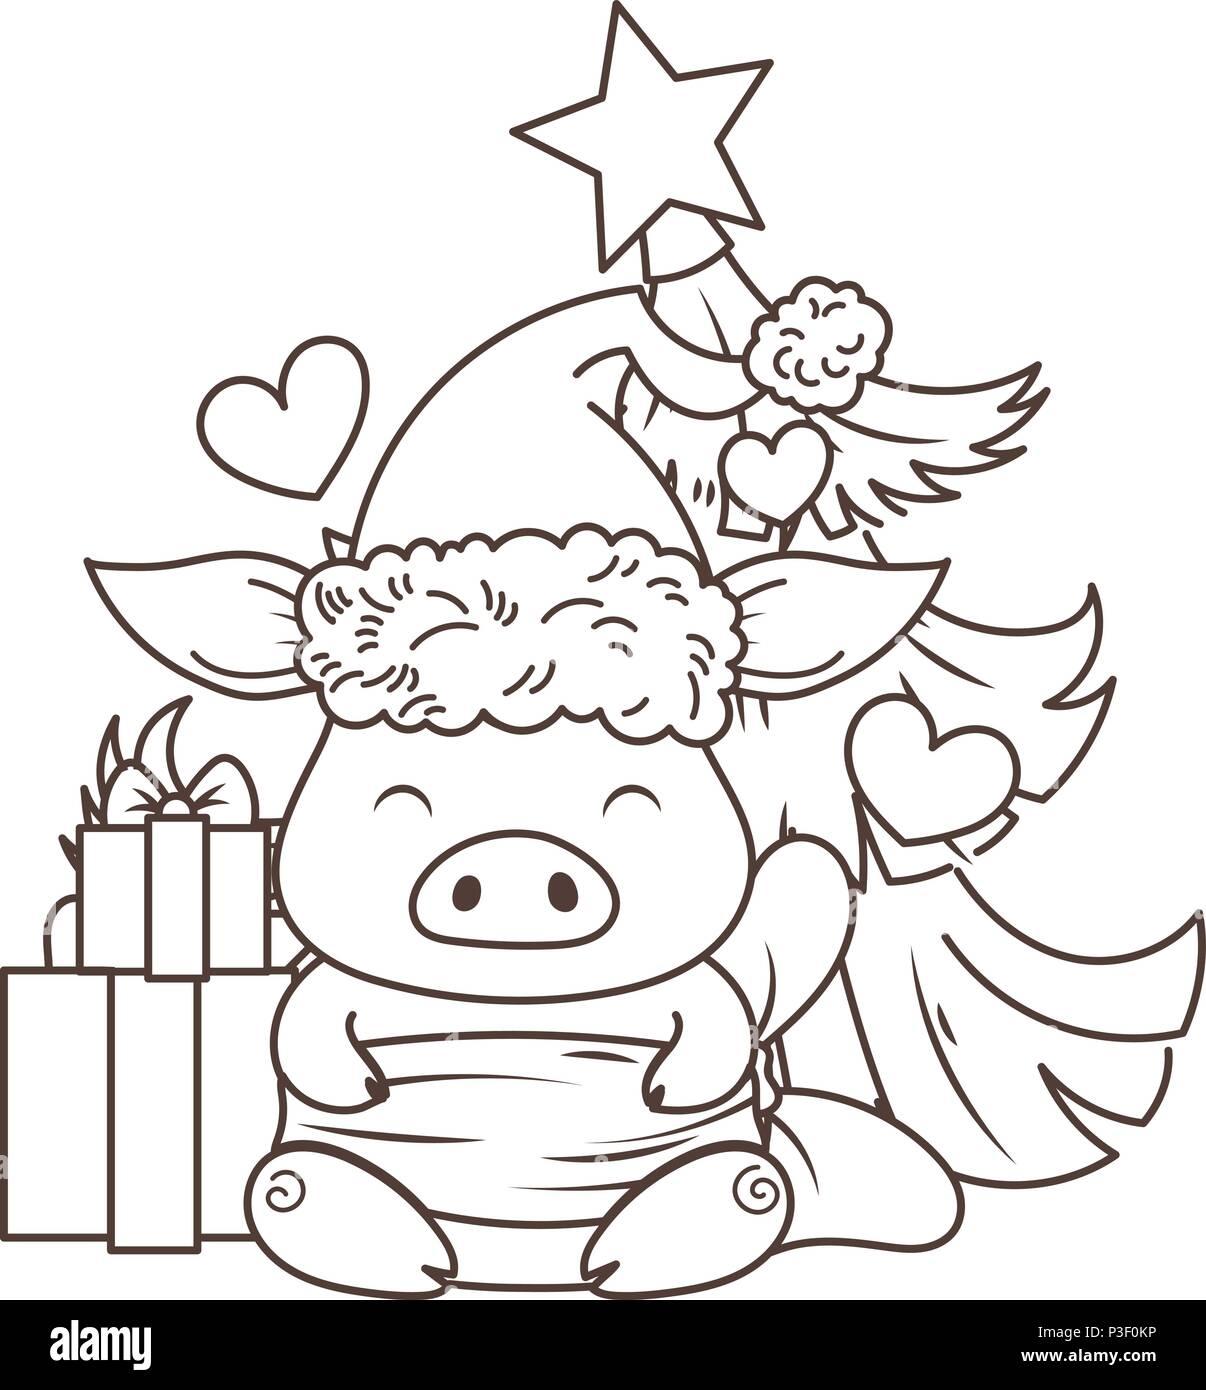 Großzügig Schwein Färbung Blatt Galerie - Beispiel Zusammenfassung ...